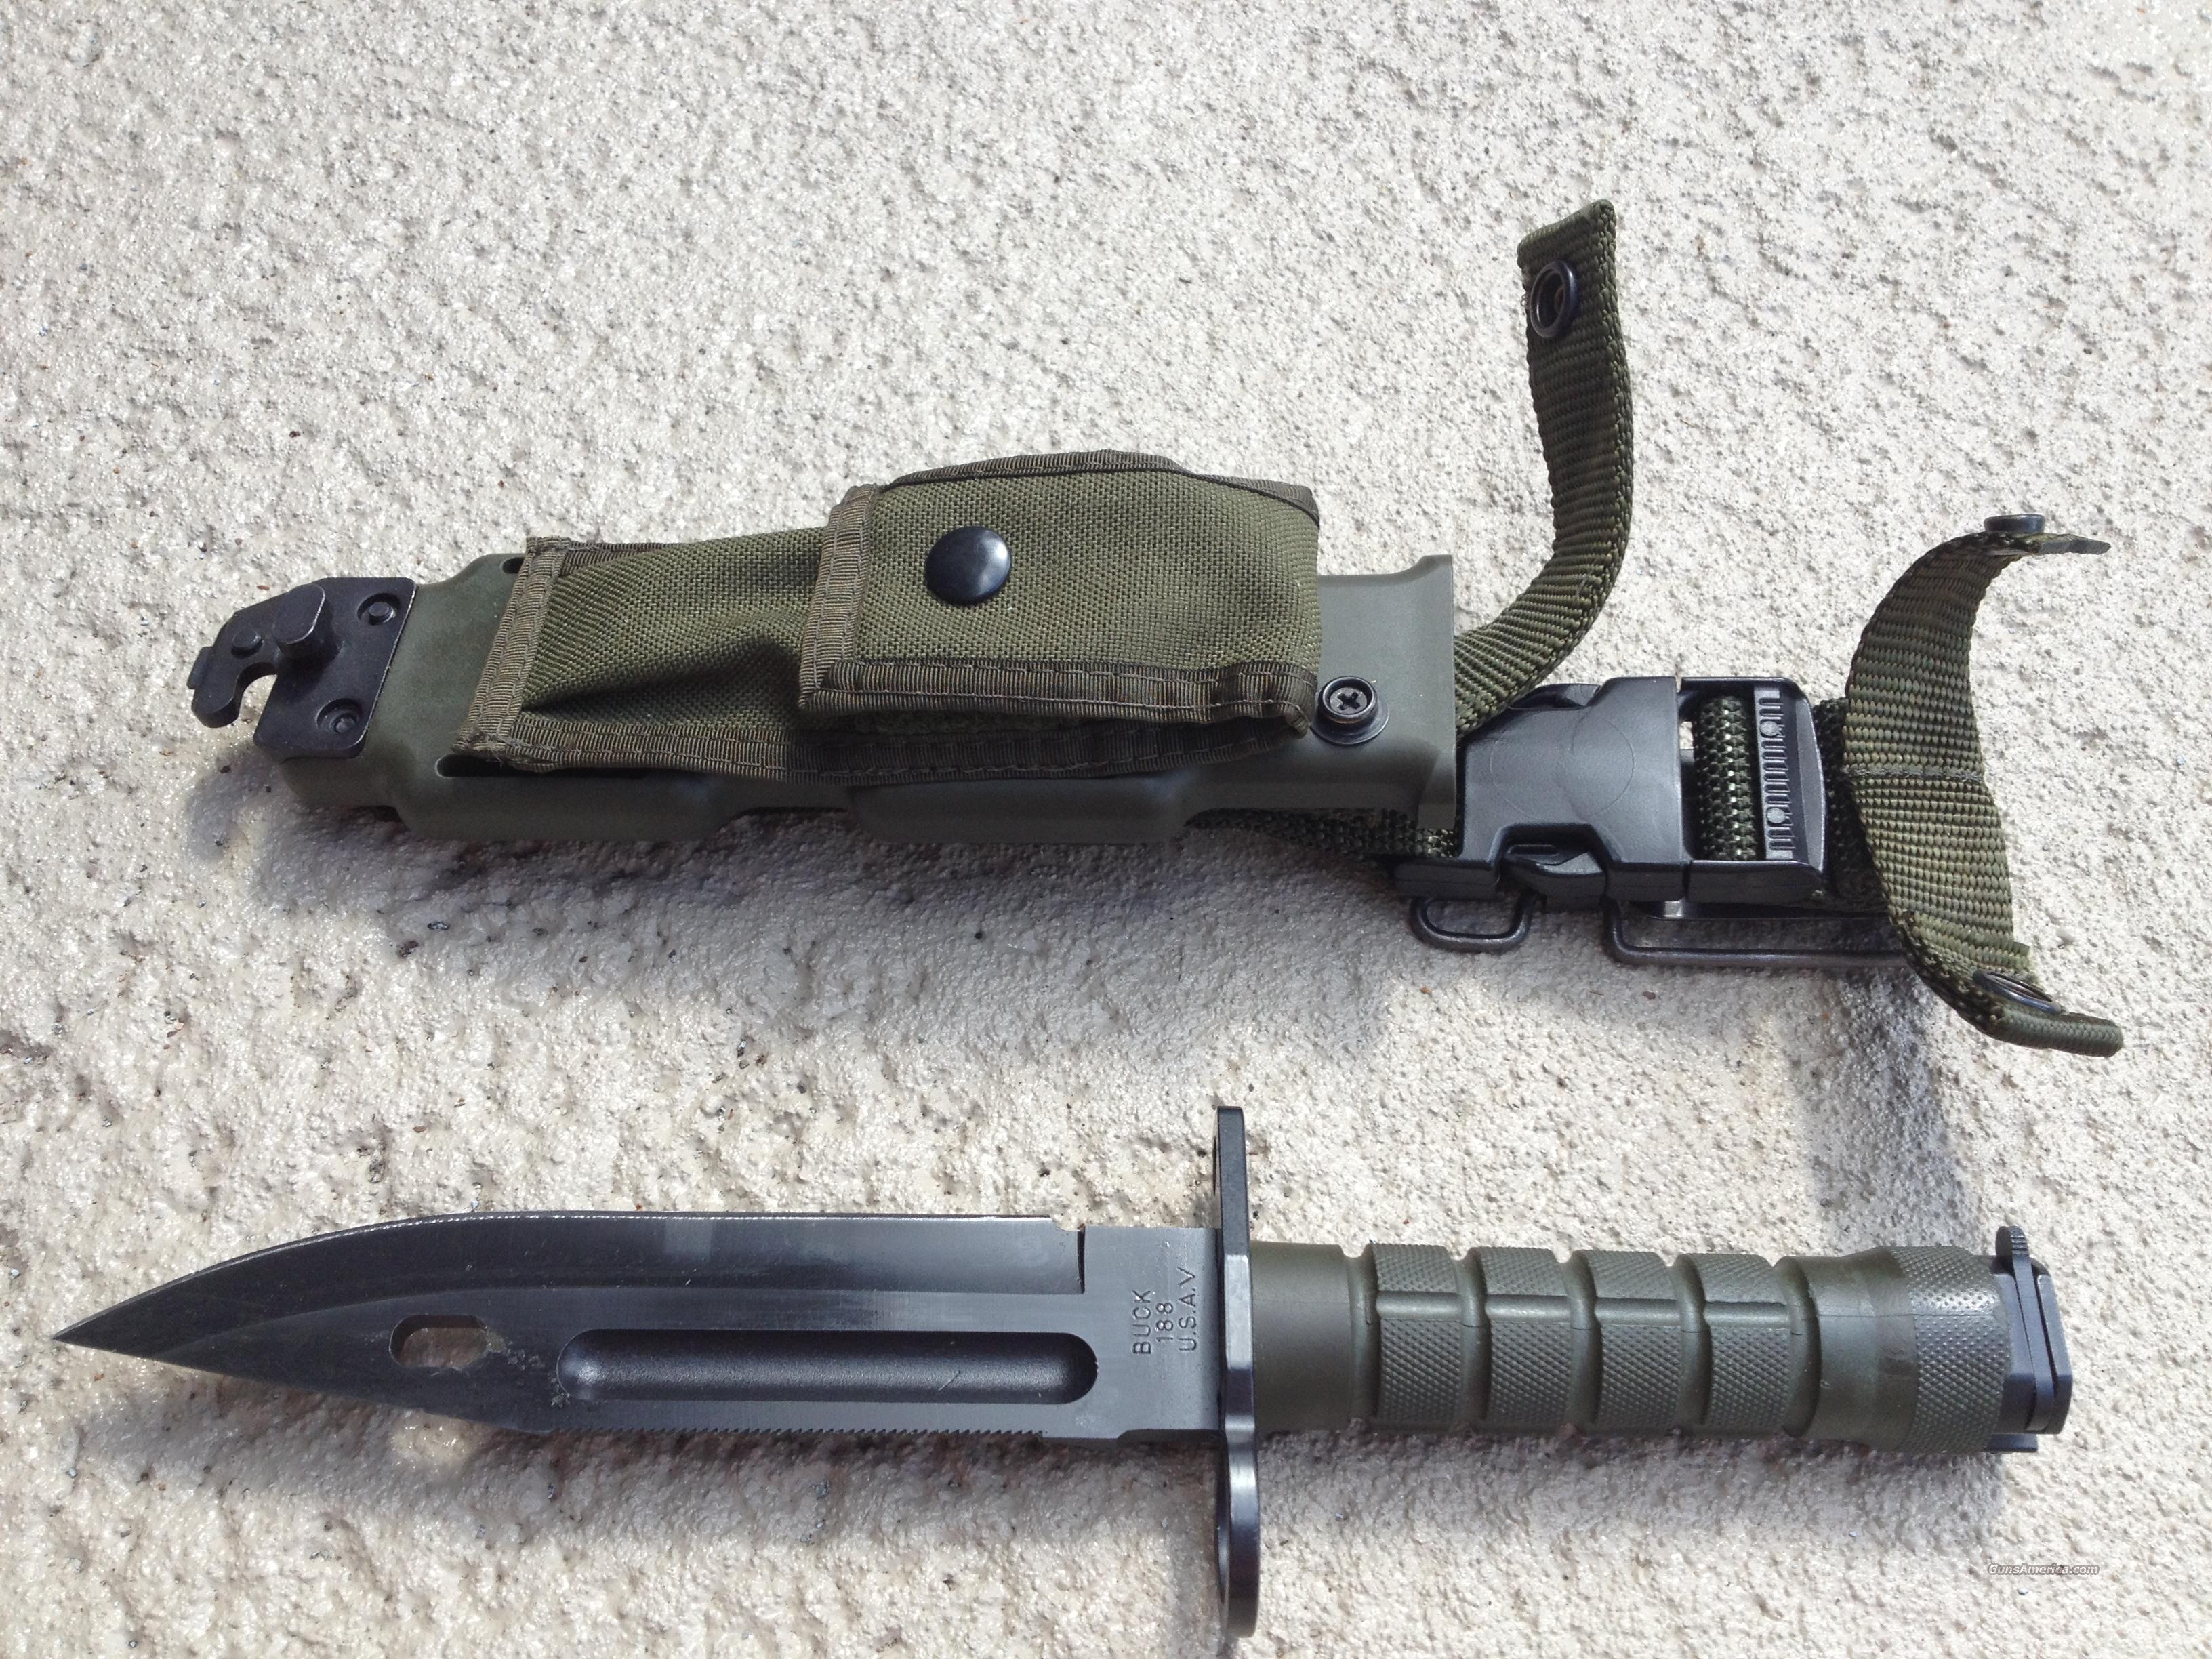 BUCK PHROBIS III M9 BAYONET FIGHTING KNIFE W/ SHEATH